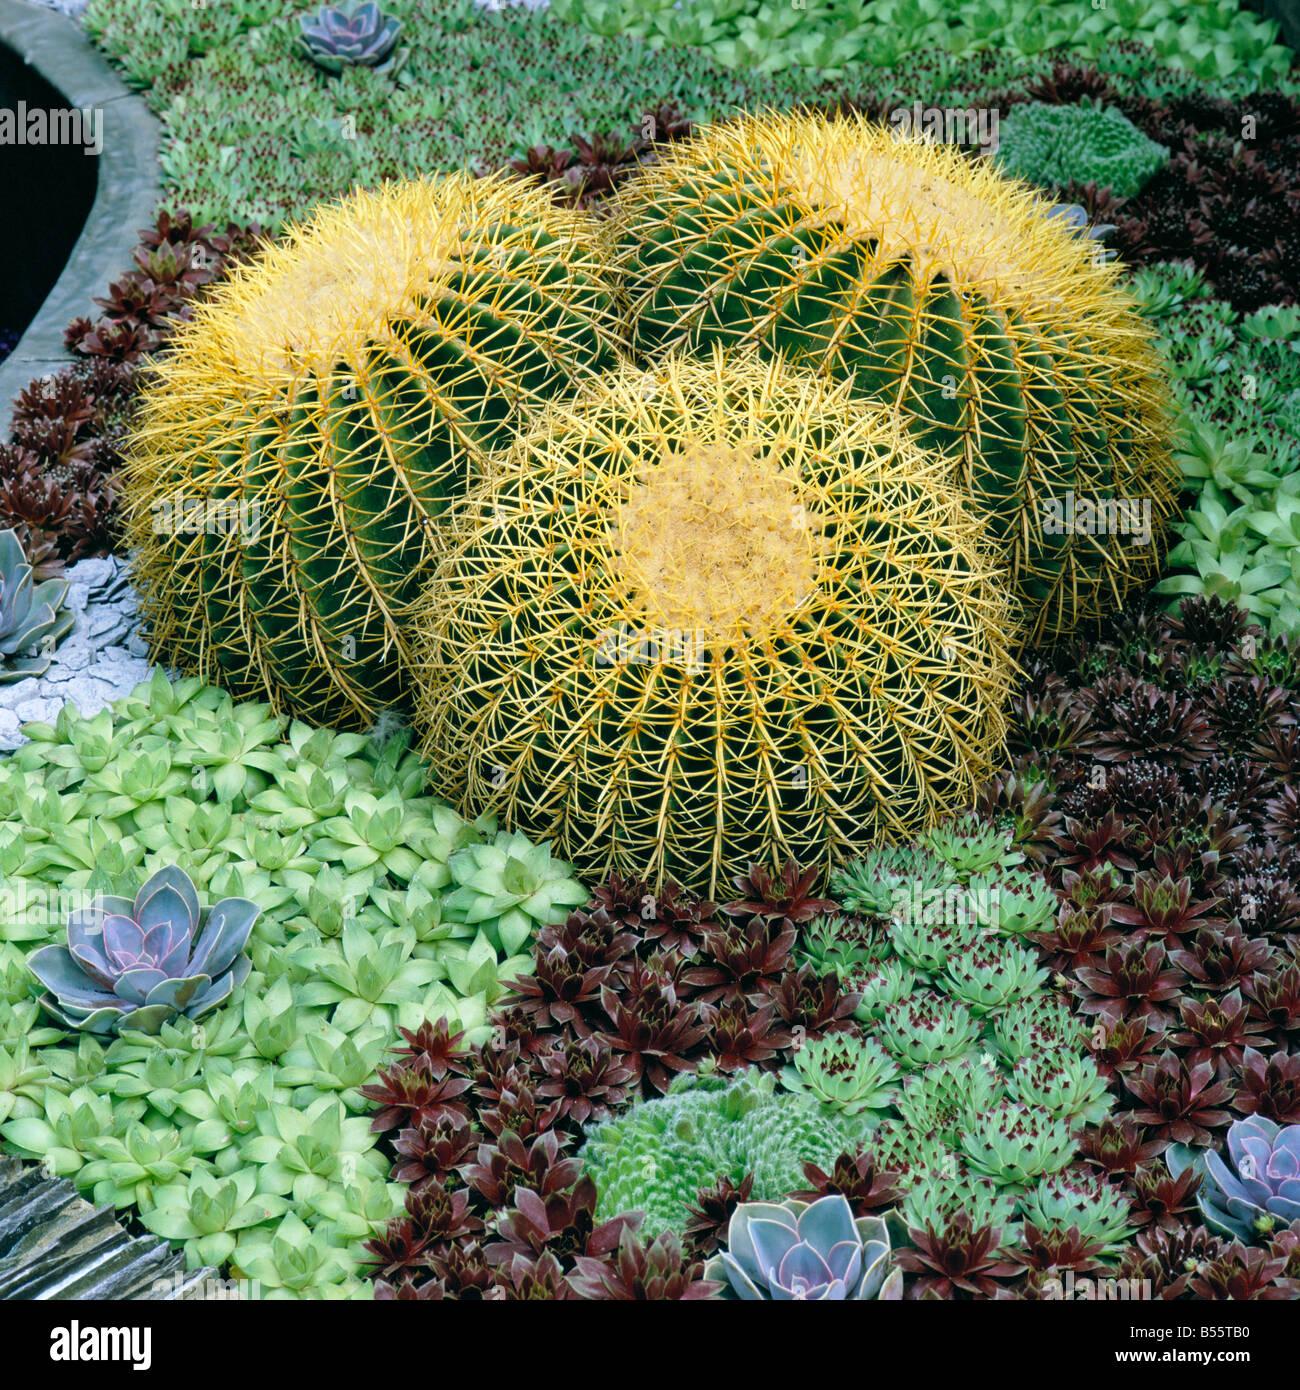 Cactus And Succulents In Rock Garden